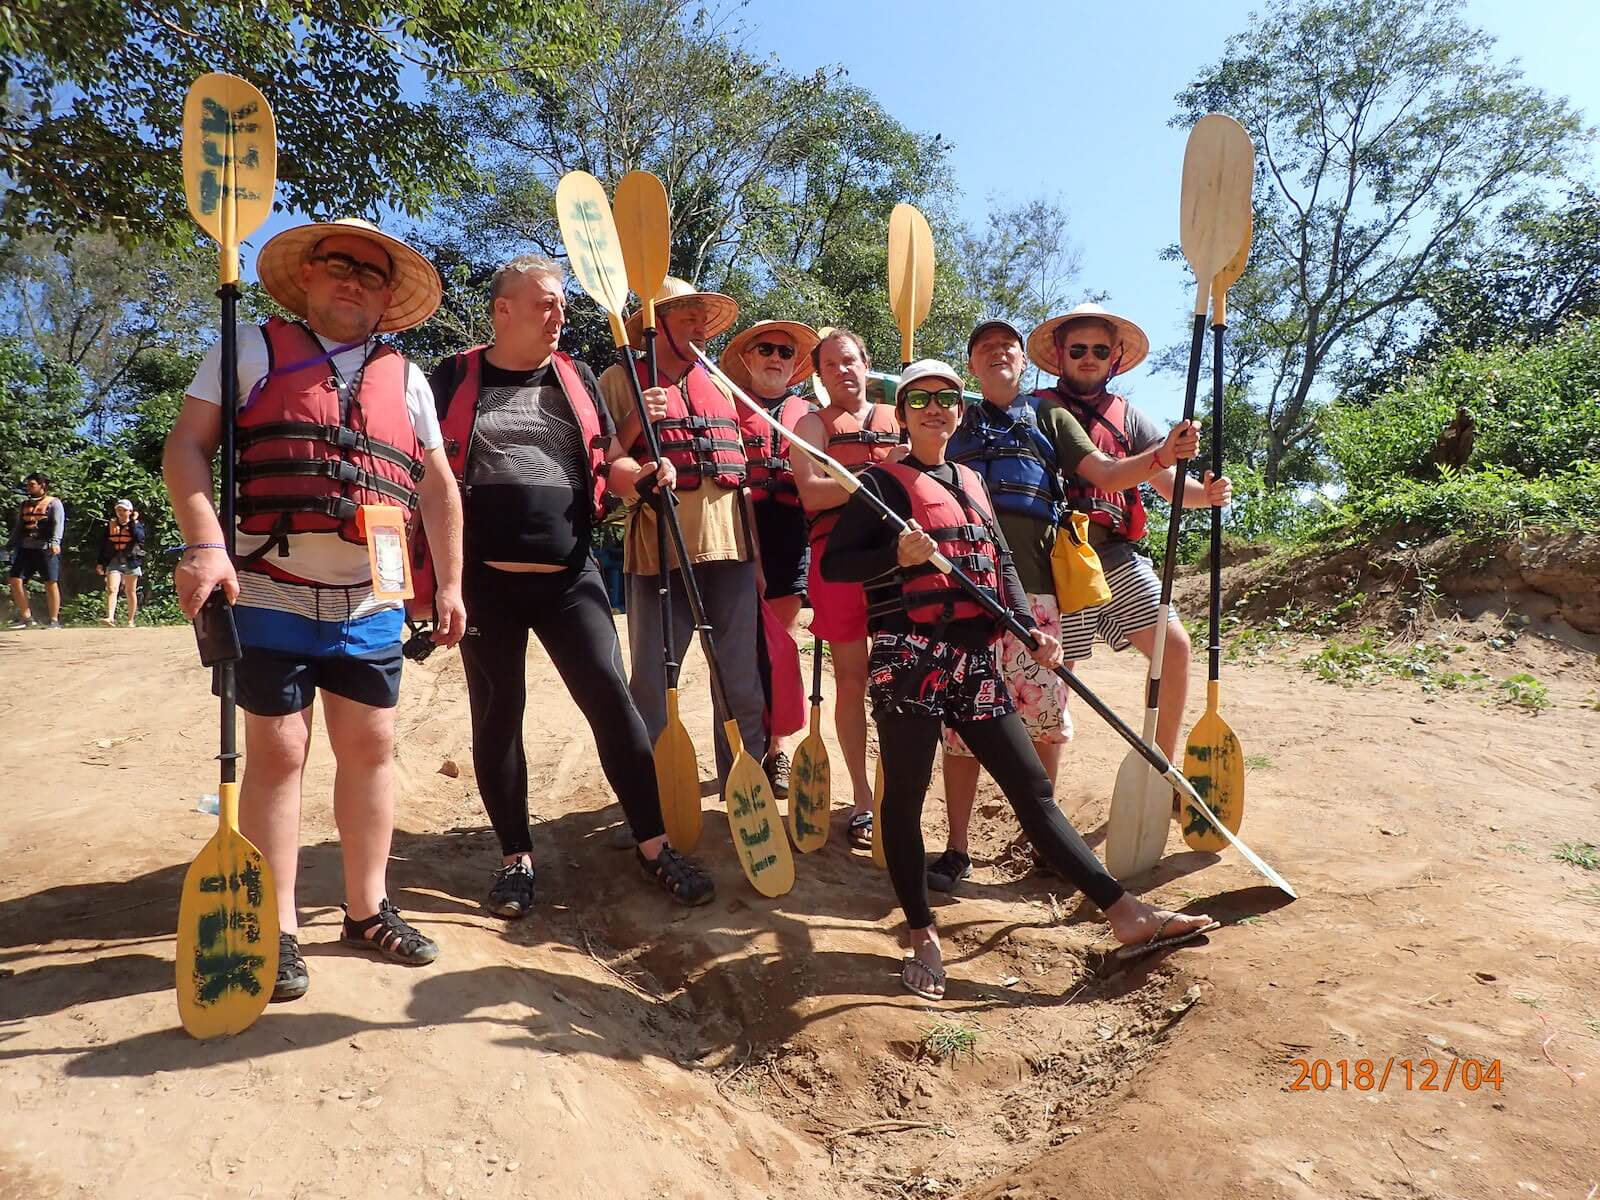 Nasza grupa adventure przed spływem rzeką Nang Song - fot. Jerzy Kostrzewa